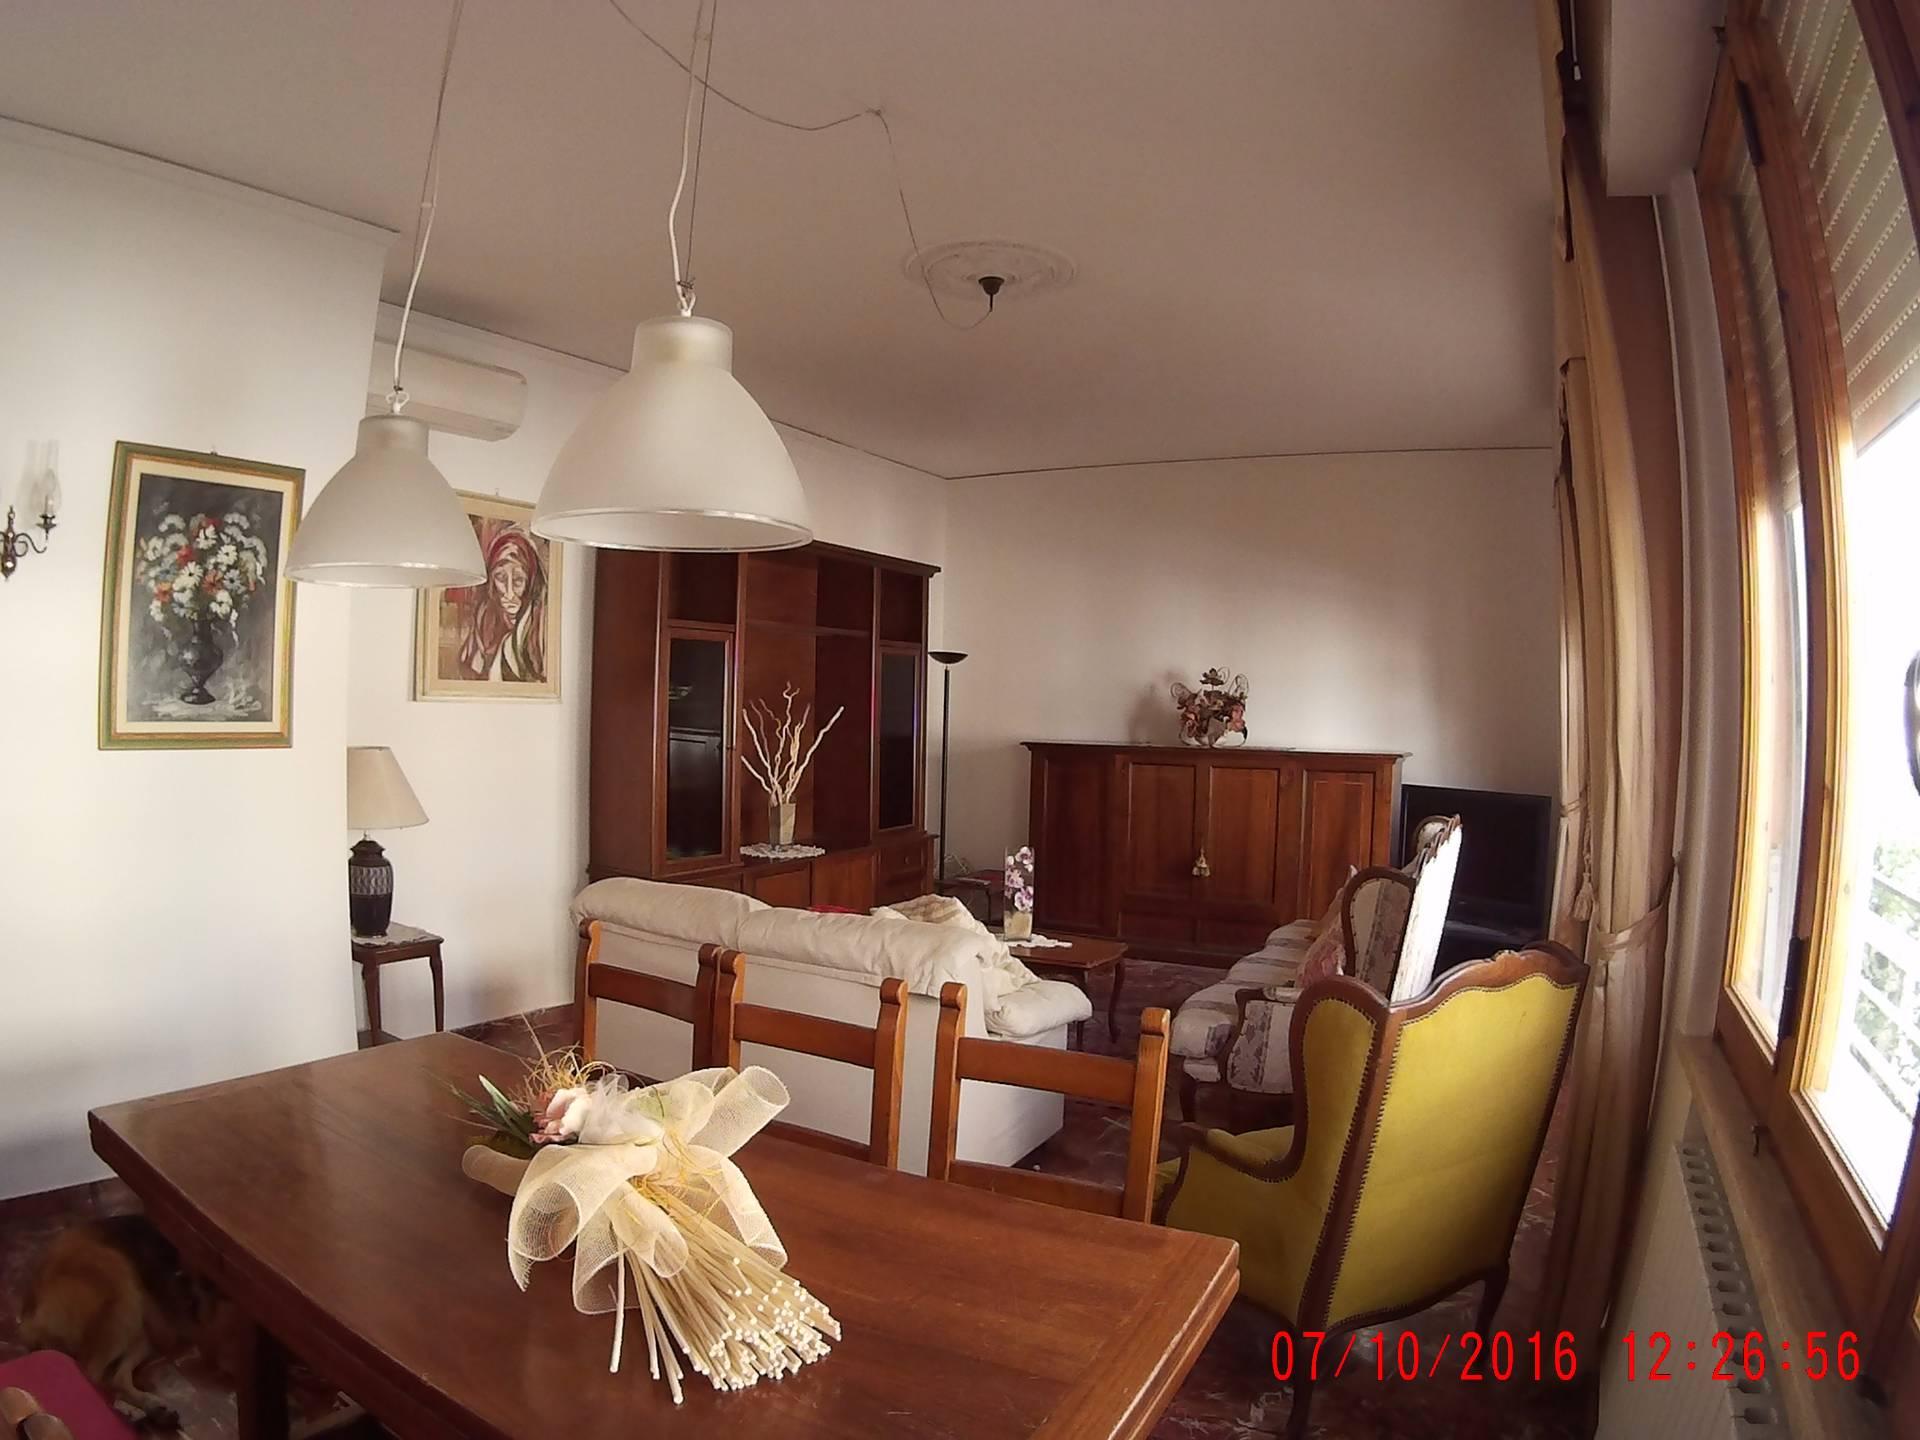 Soluzione Indipendente in affitto a Empoli, 5 locali, zona Località: Stazione, prezzo € 850 | Cambio Casa.it